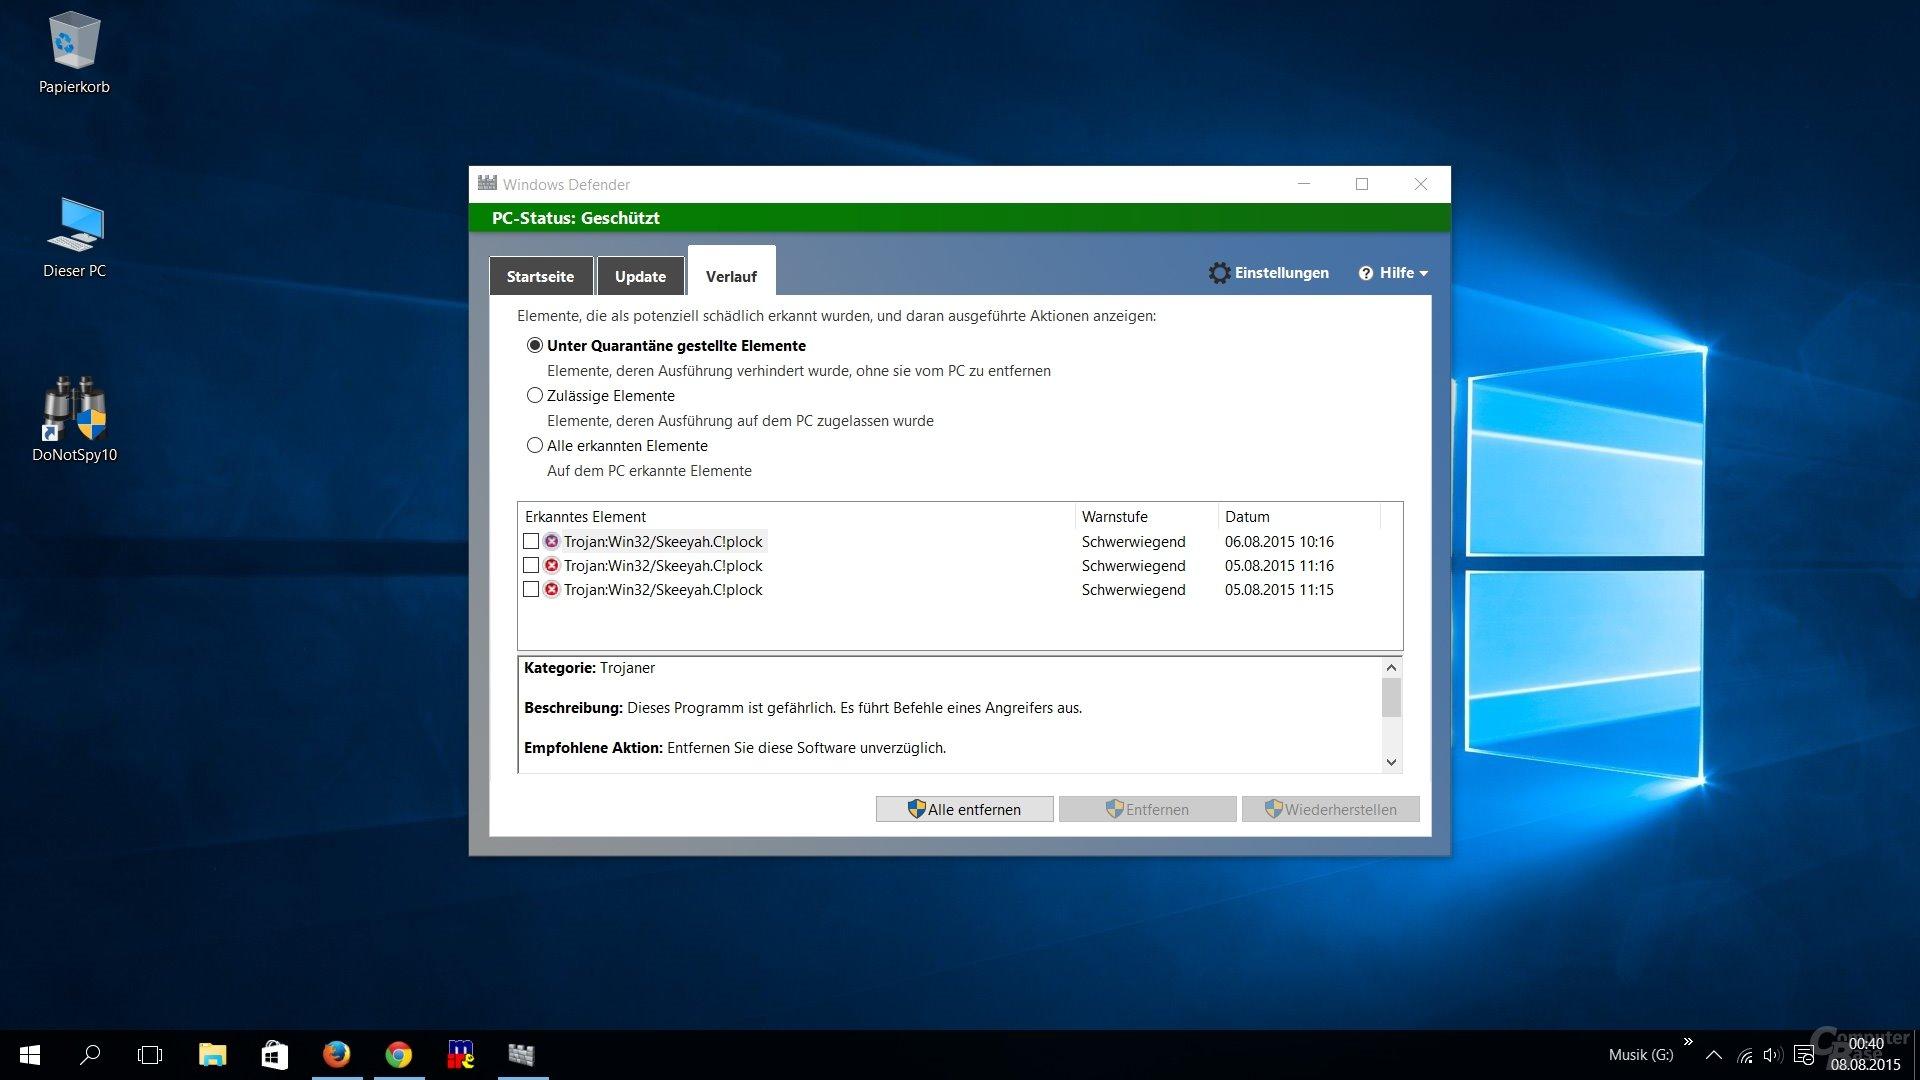 DoNotSpy-Tool für Windows 10 als Trojaner eingestuft